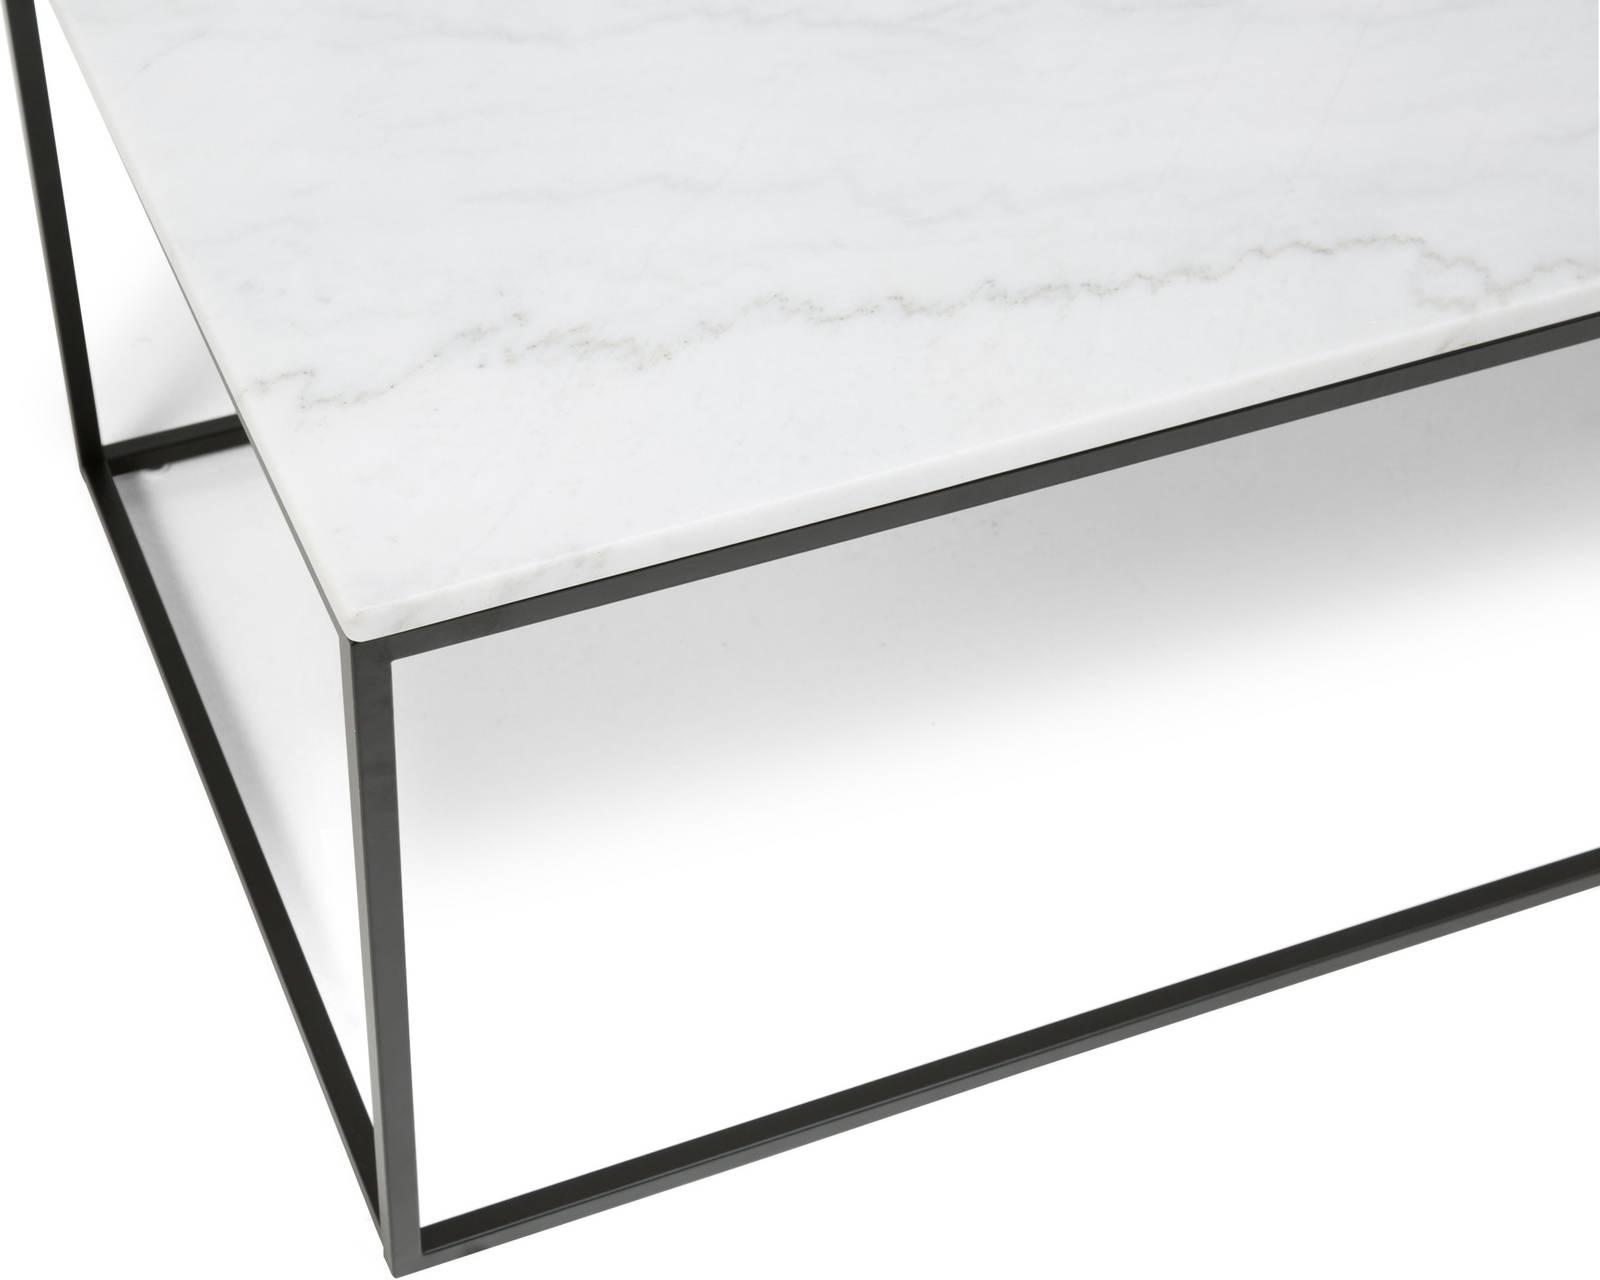 Sohvapöytä Olga 120x60x45 cm valkoinen marmori teräs